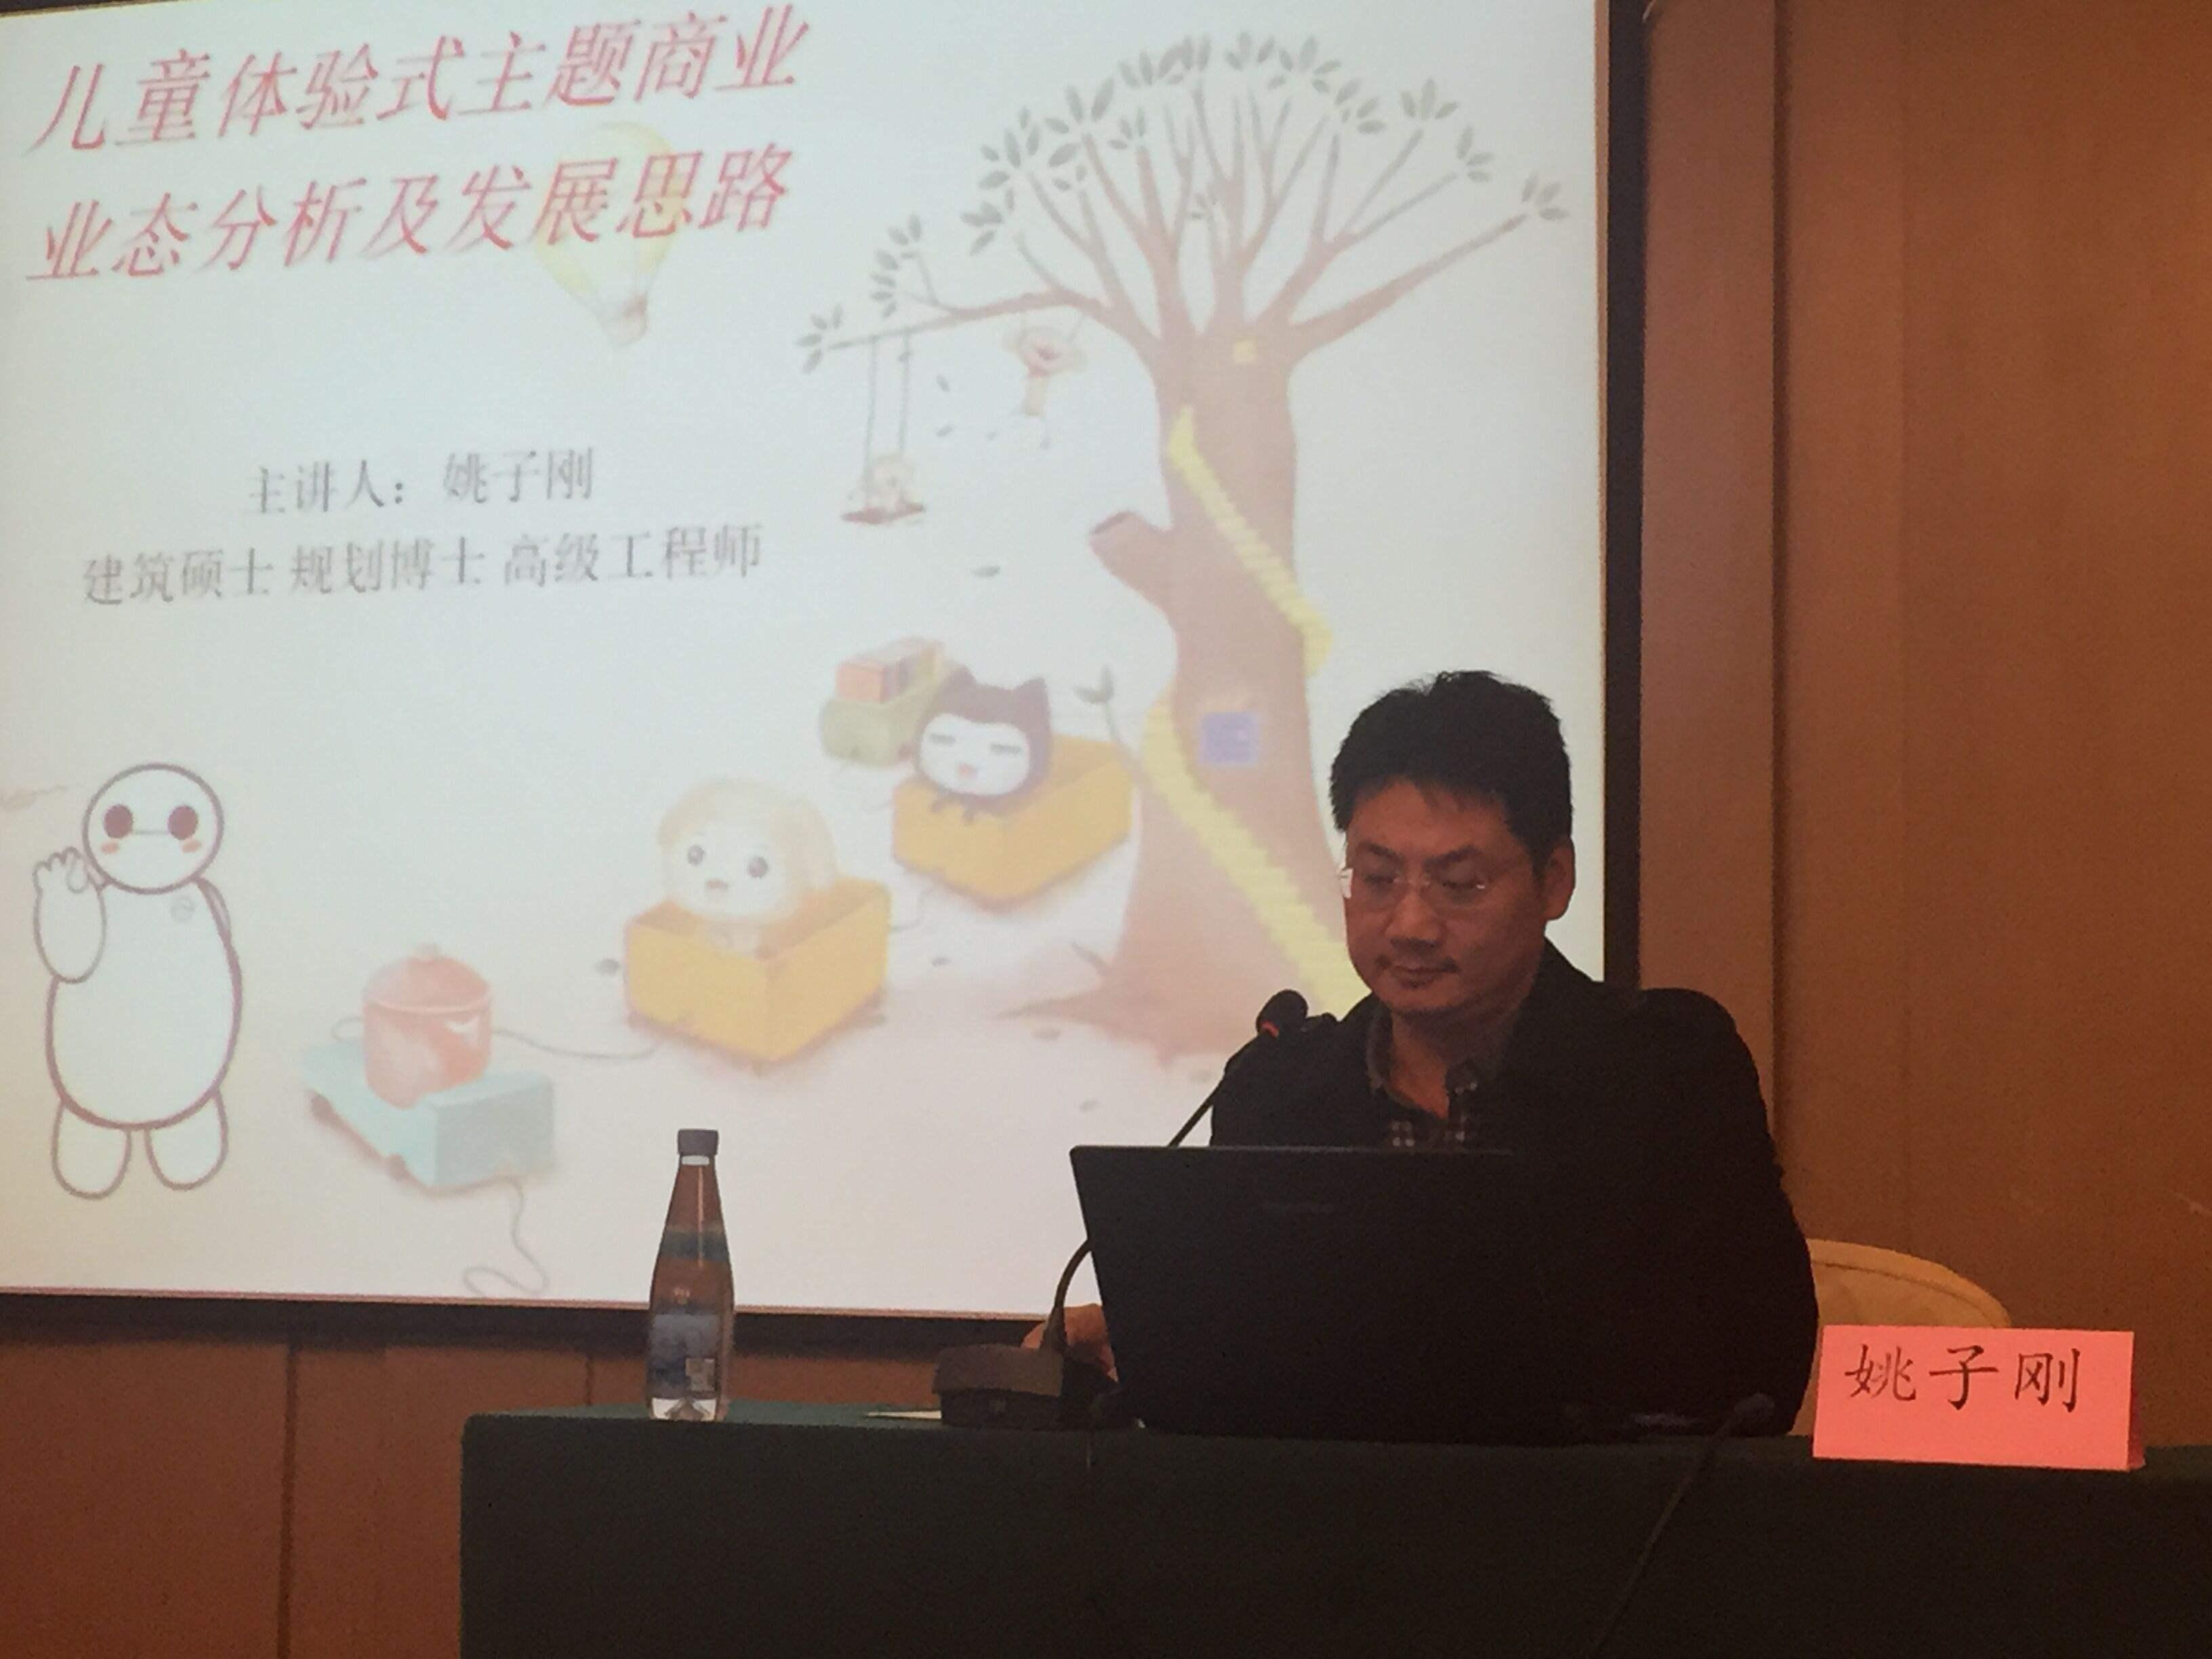 华东理工大学景观规划设计系副教授姚子刚照片